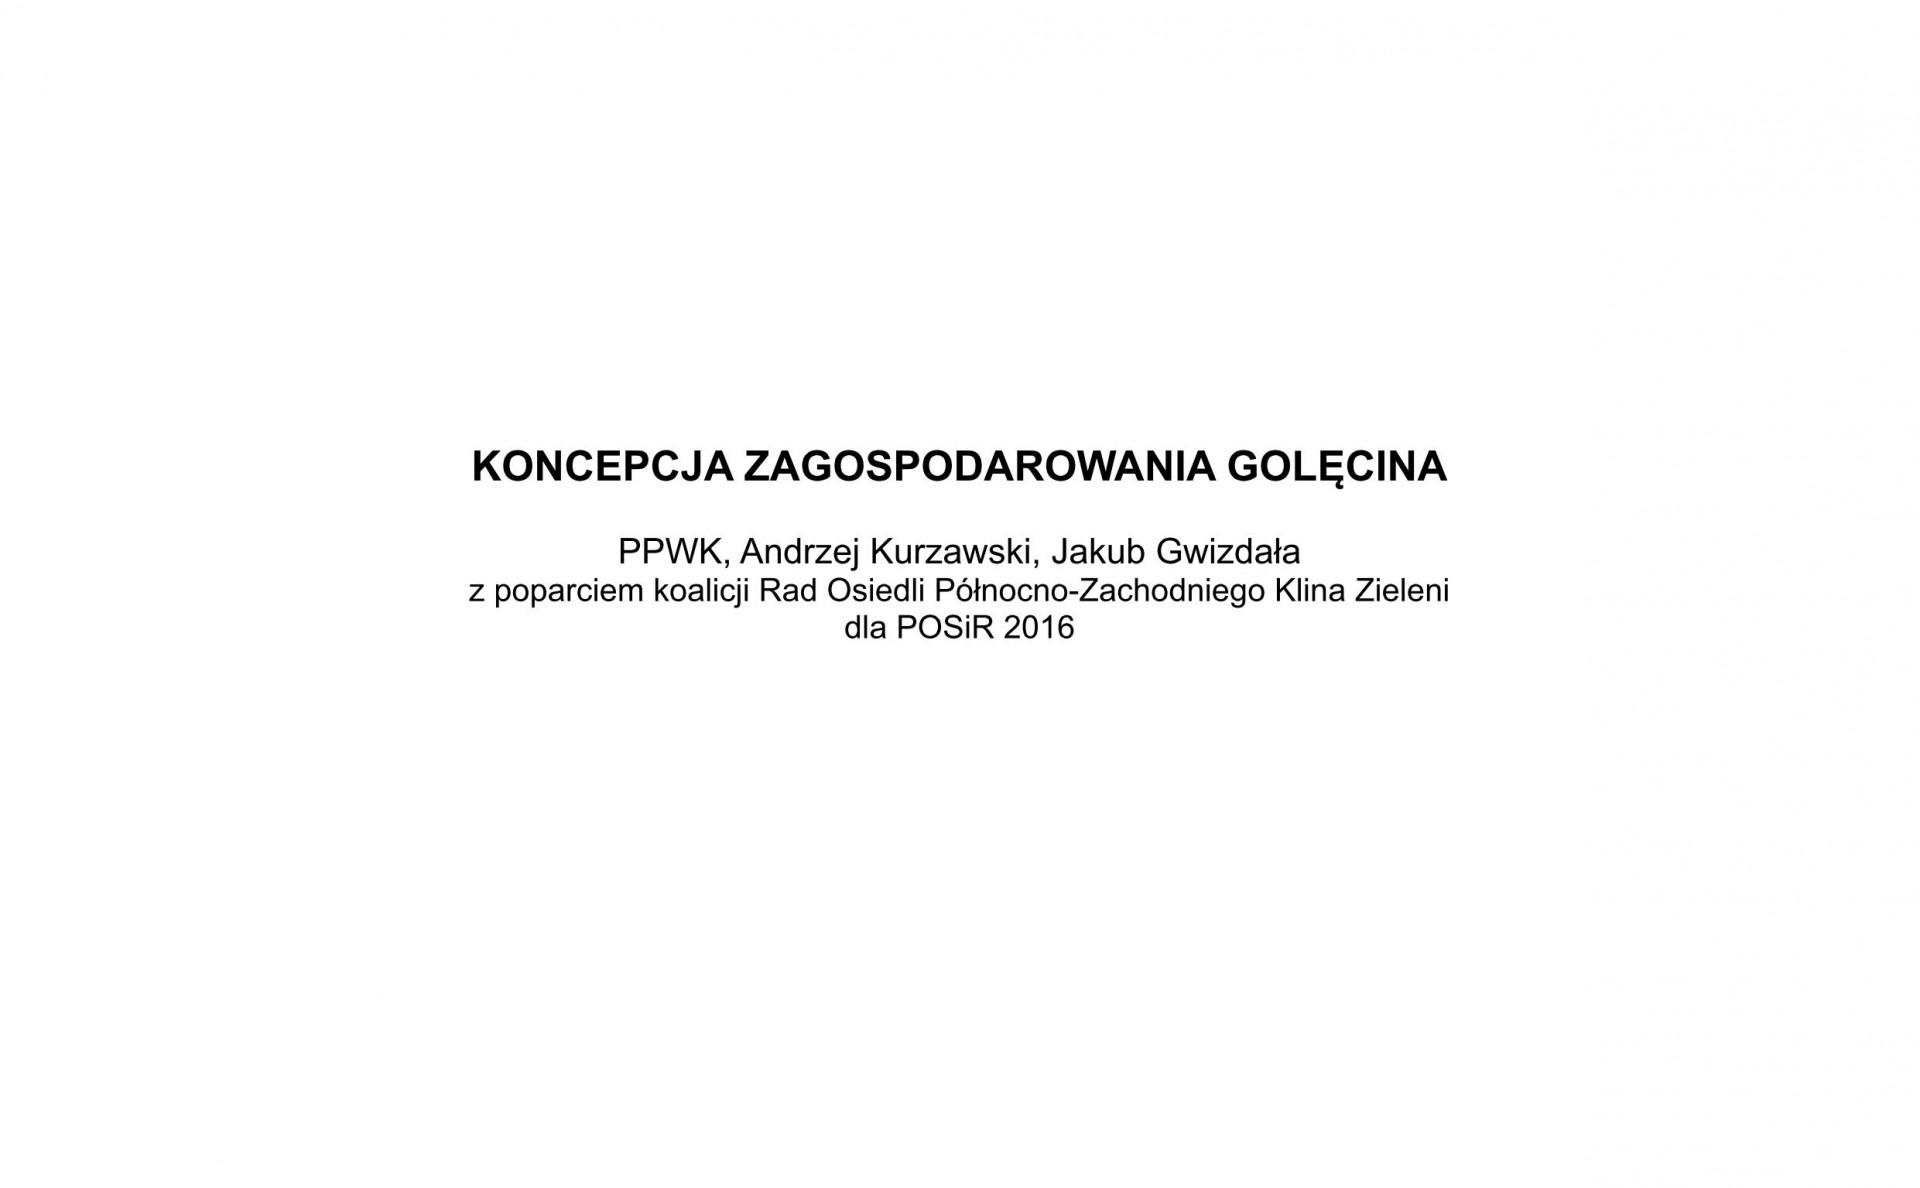 Plan Zagospodarowania Golęcina Poznań_